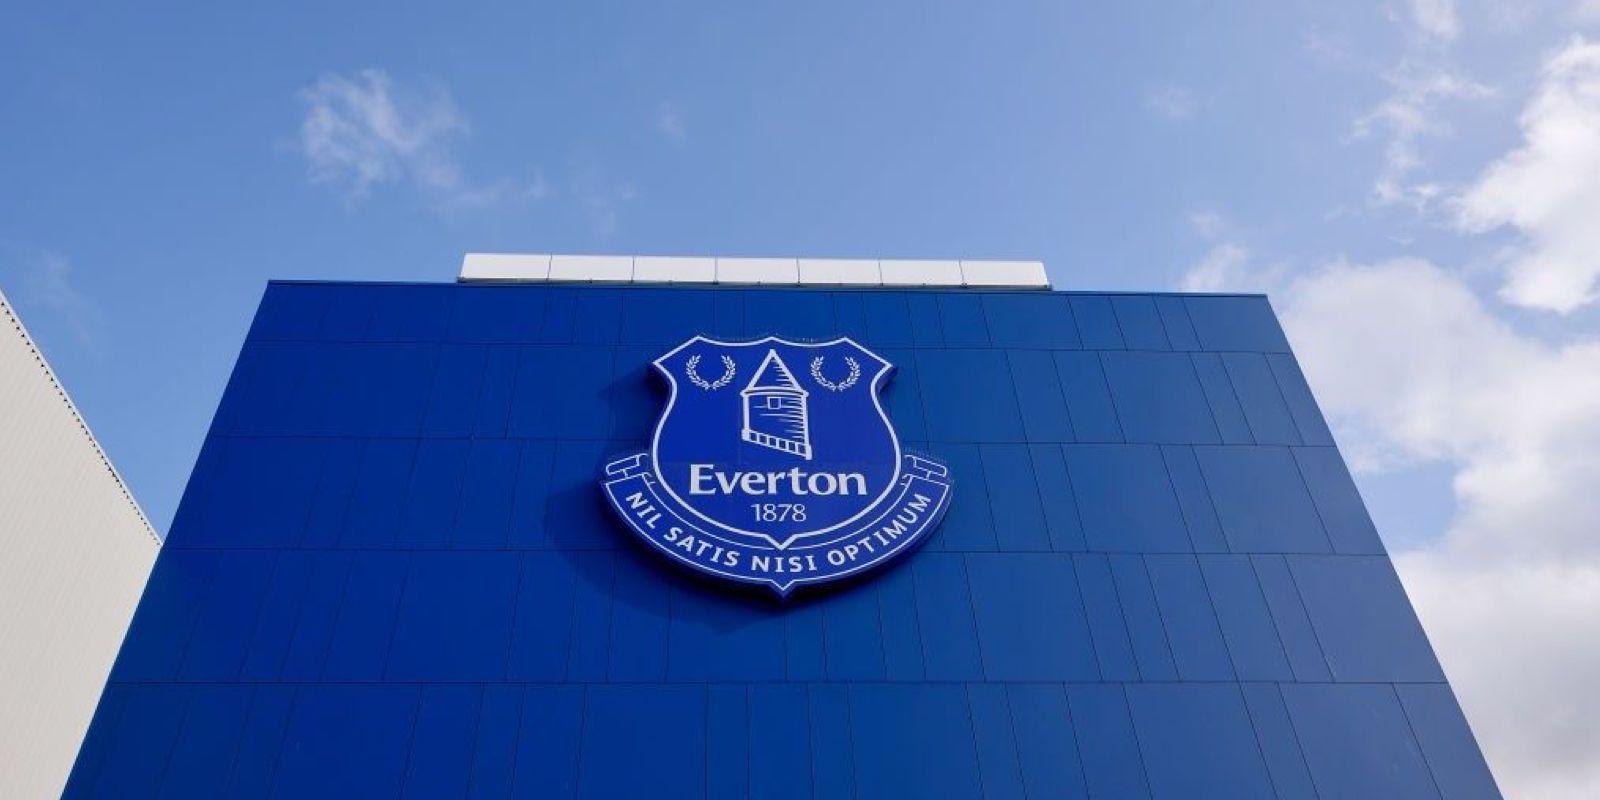 LIVE BLOG: Everton To Face Pumas